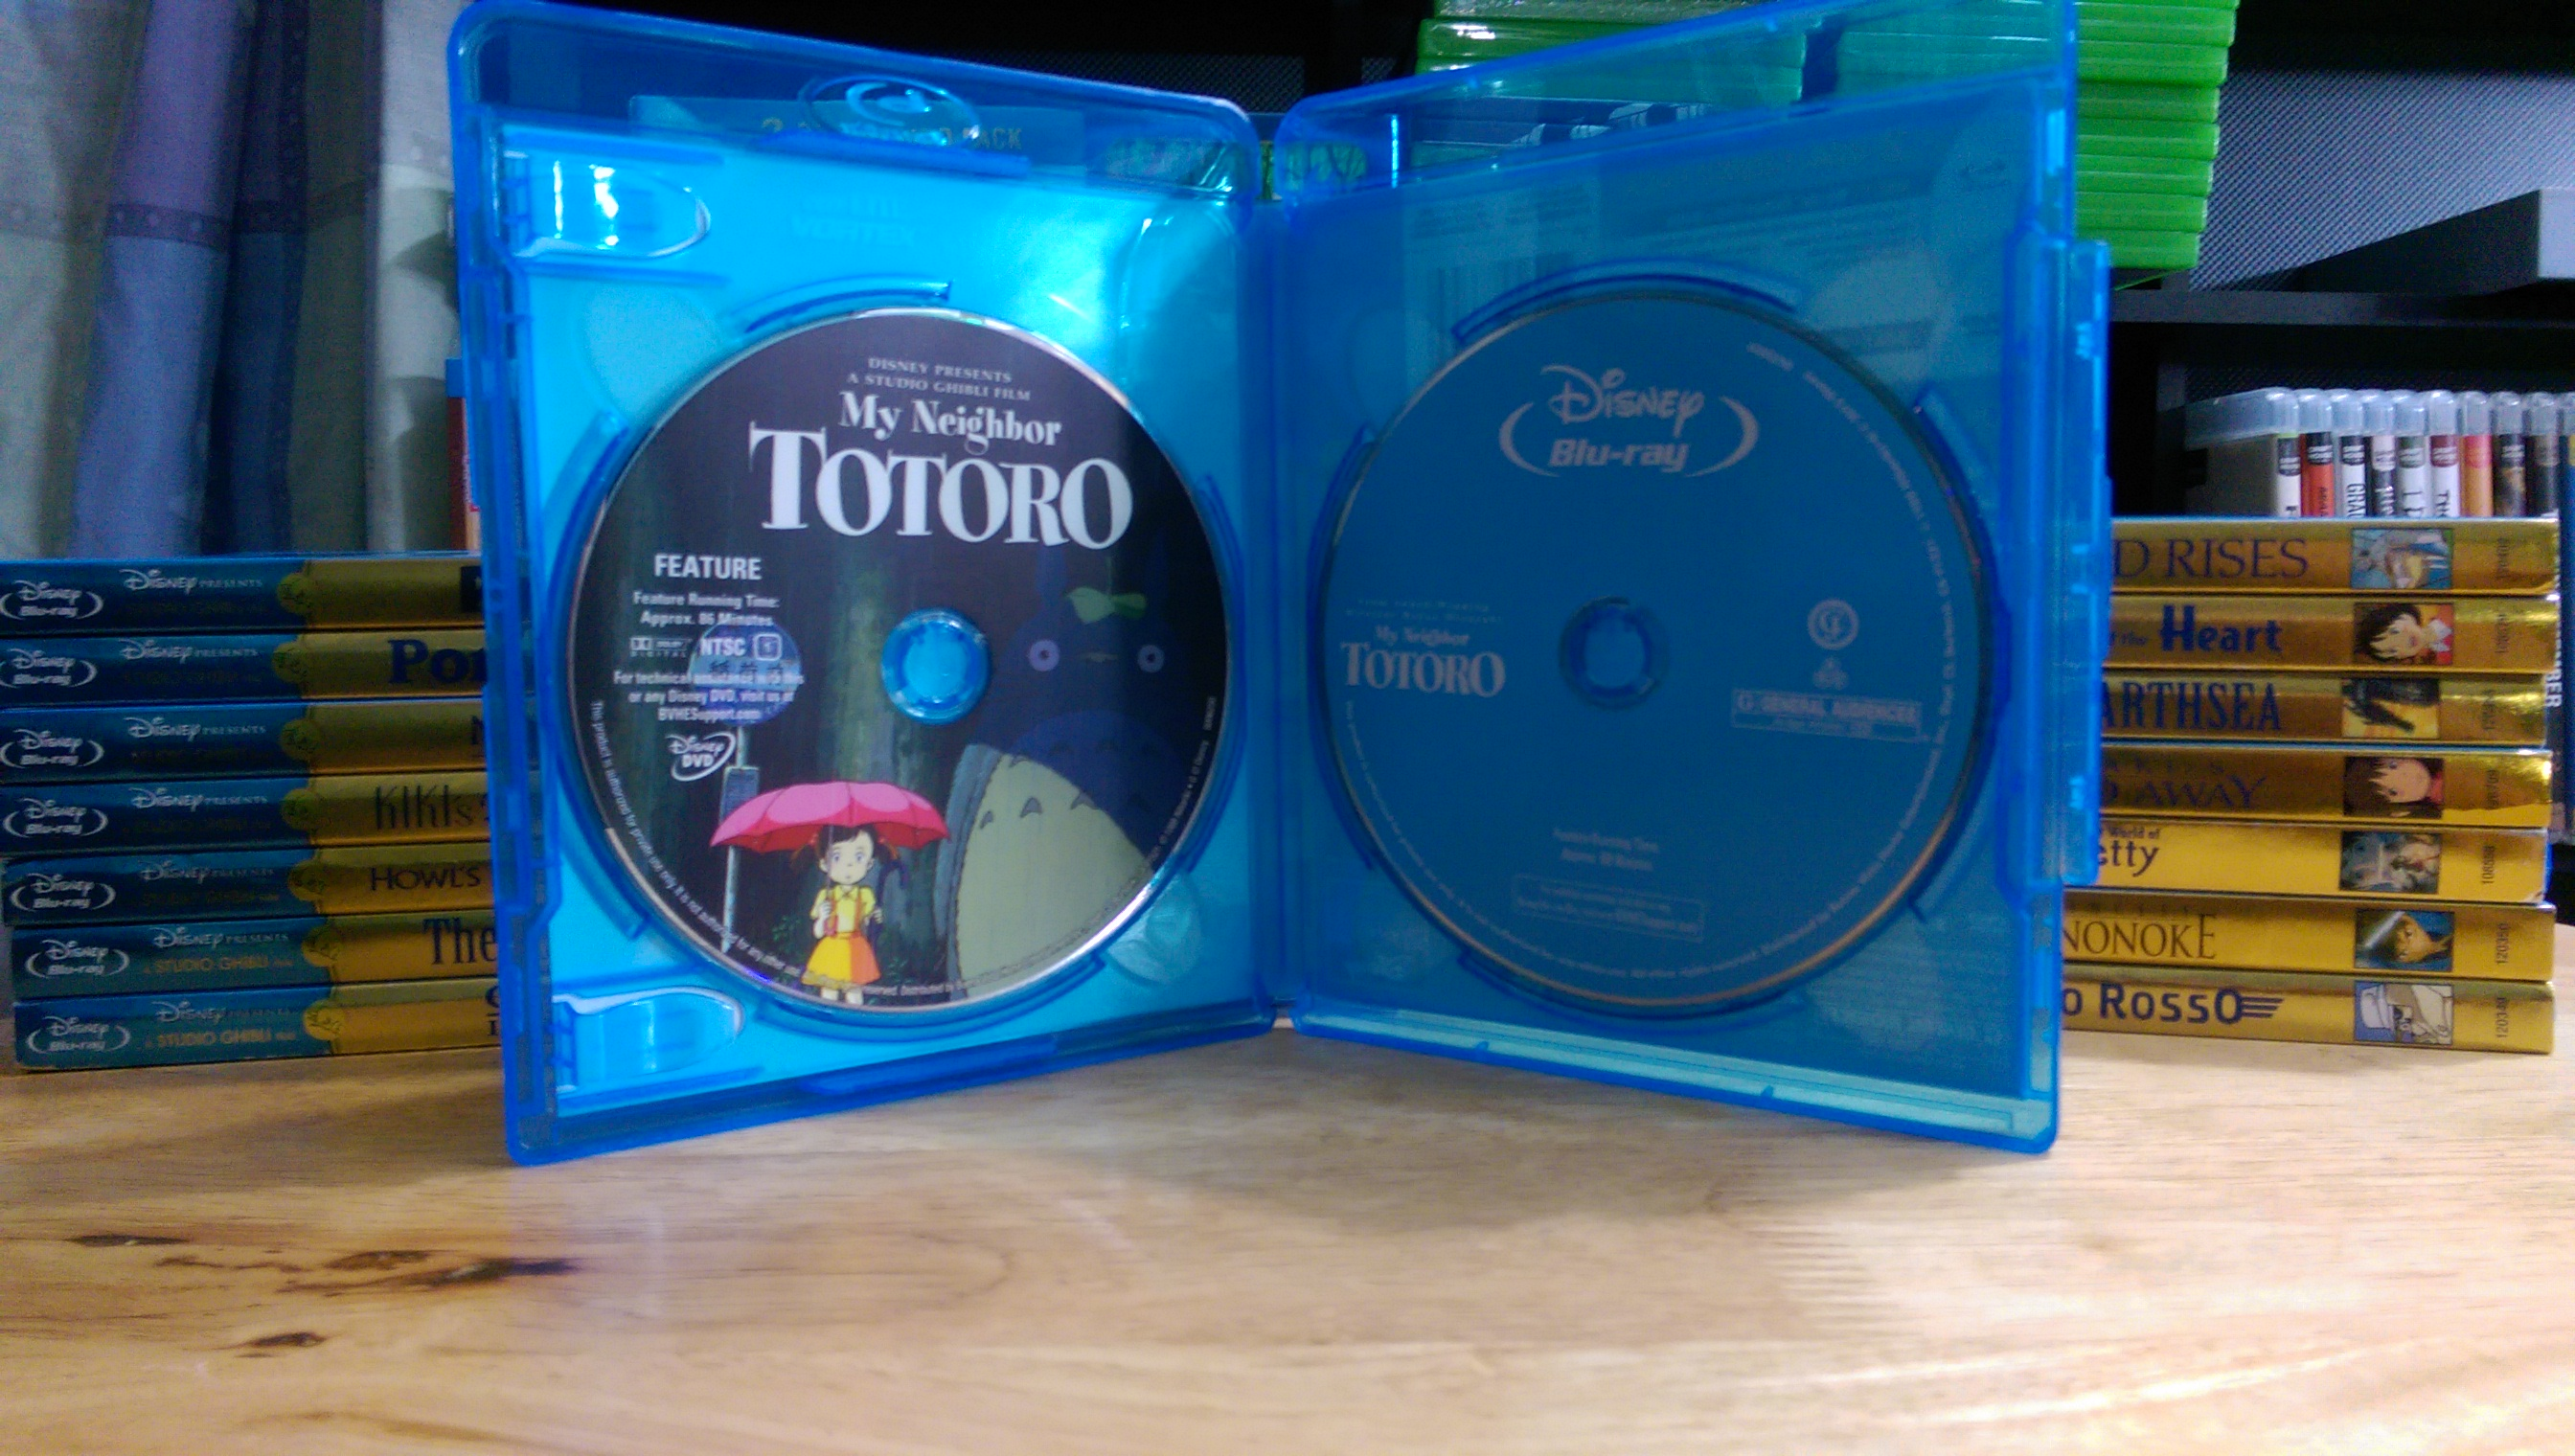 My Neighbor Totoro Blu Ray: My Neighbor Totoro